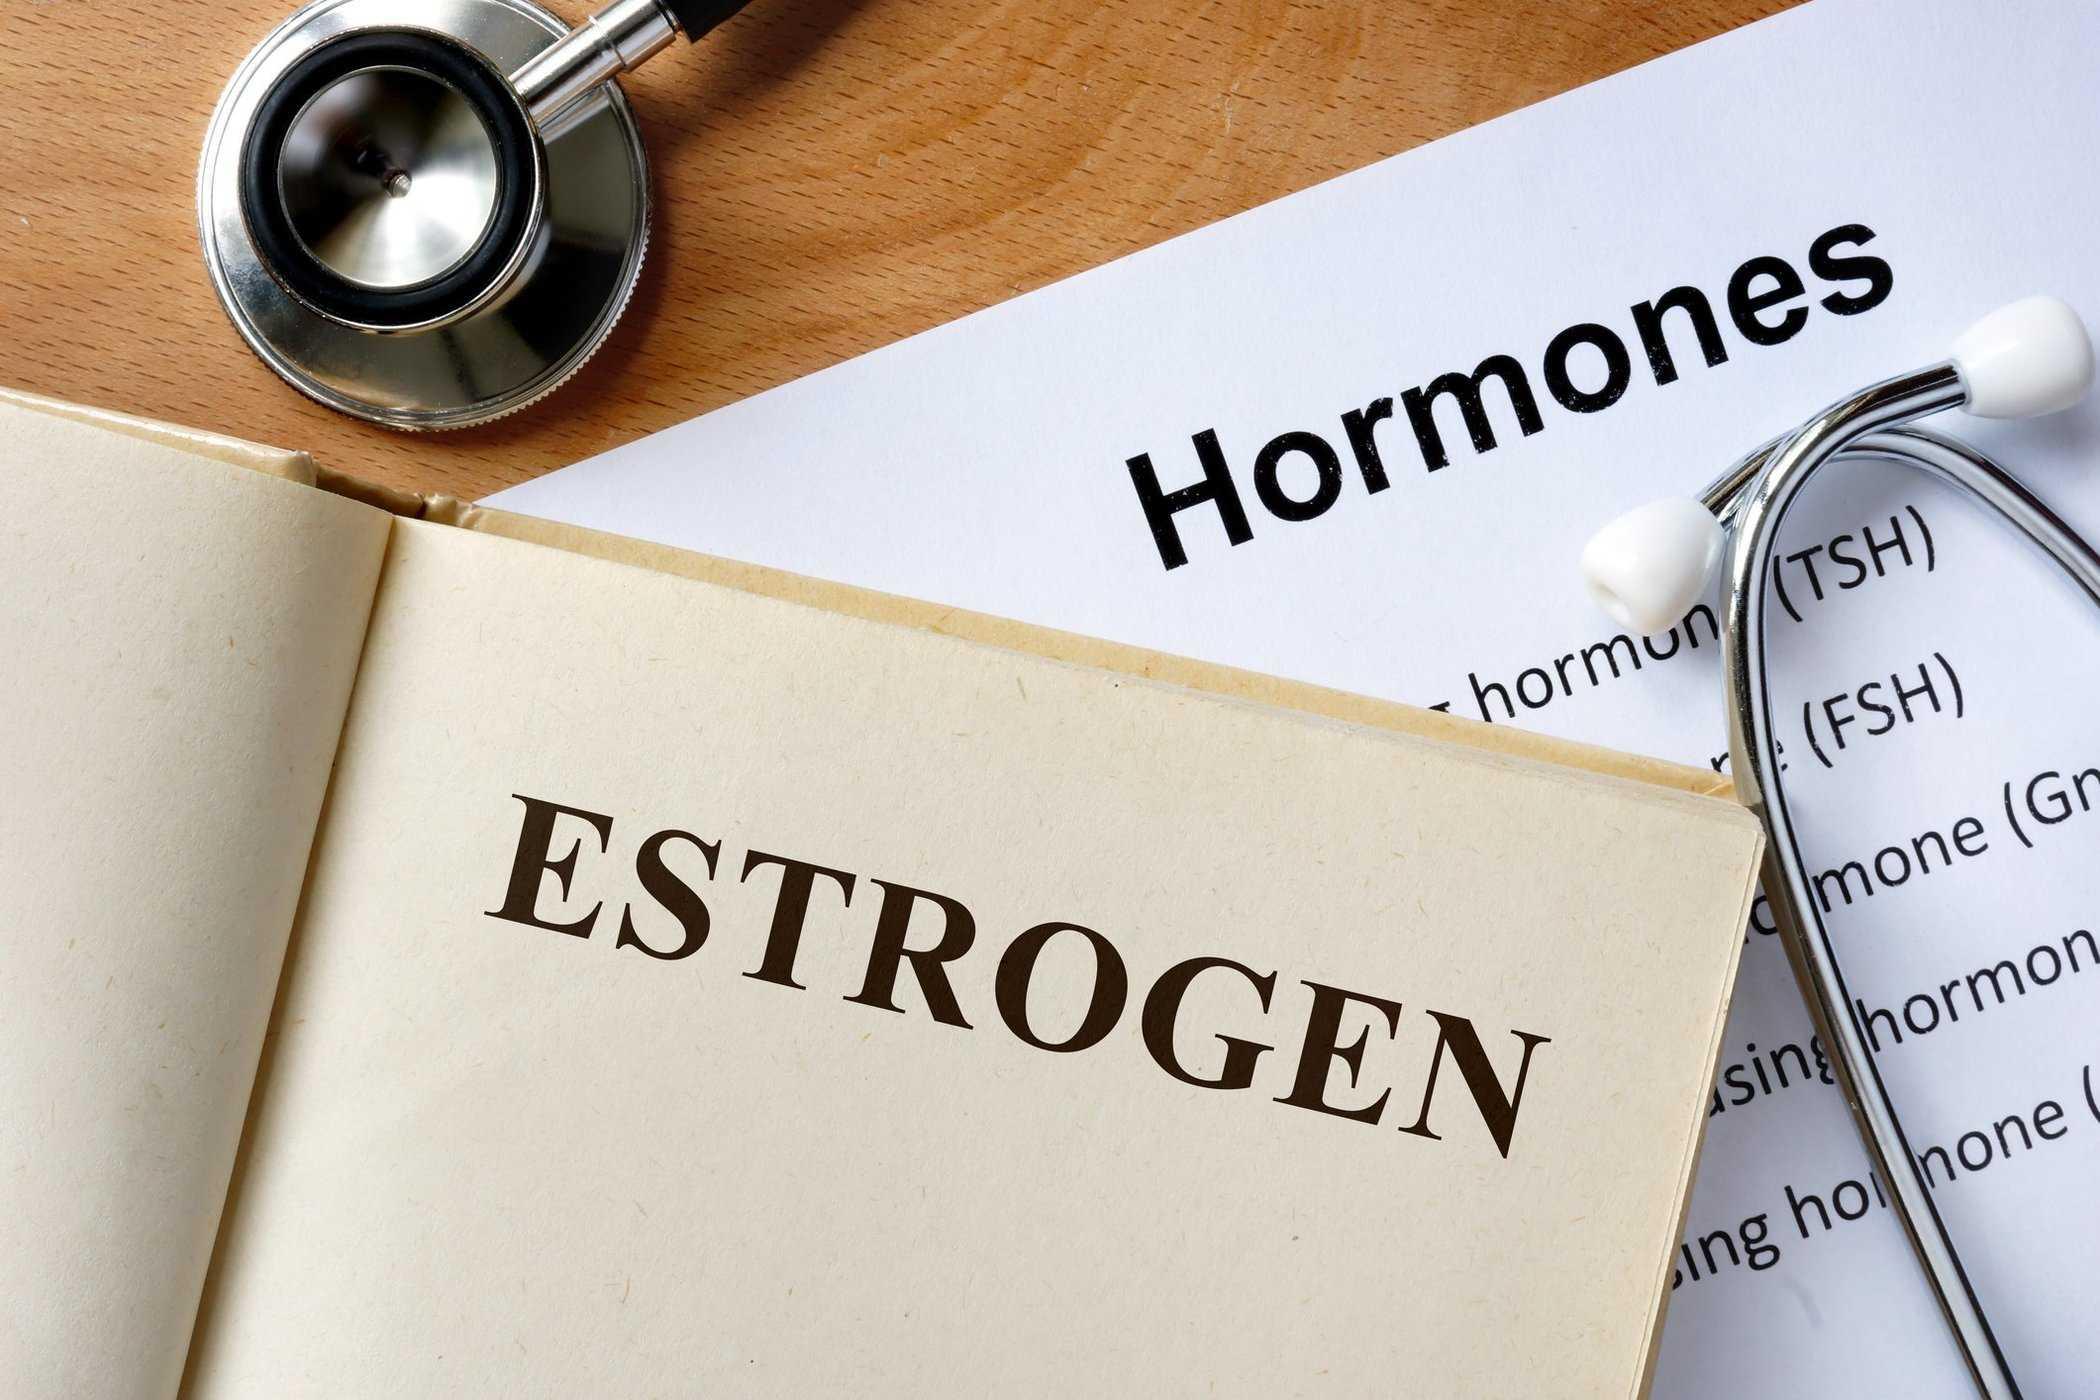 Có Nên Điều Trị Són Tiểu Bằng Estrogen Hay Không?